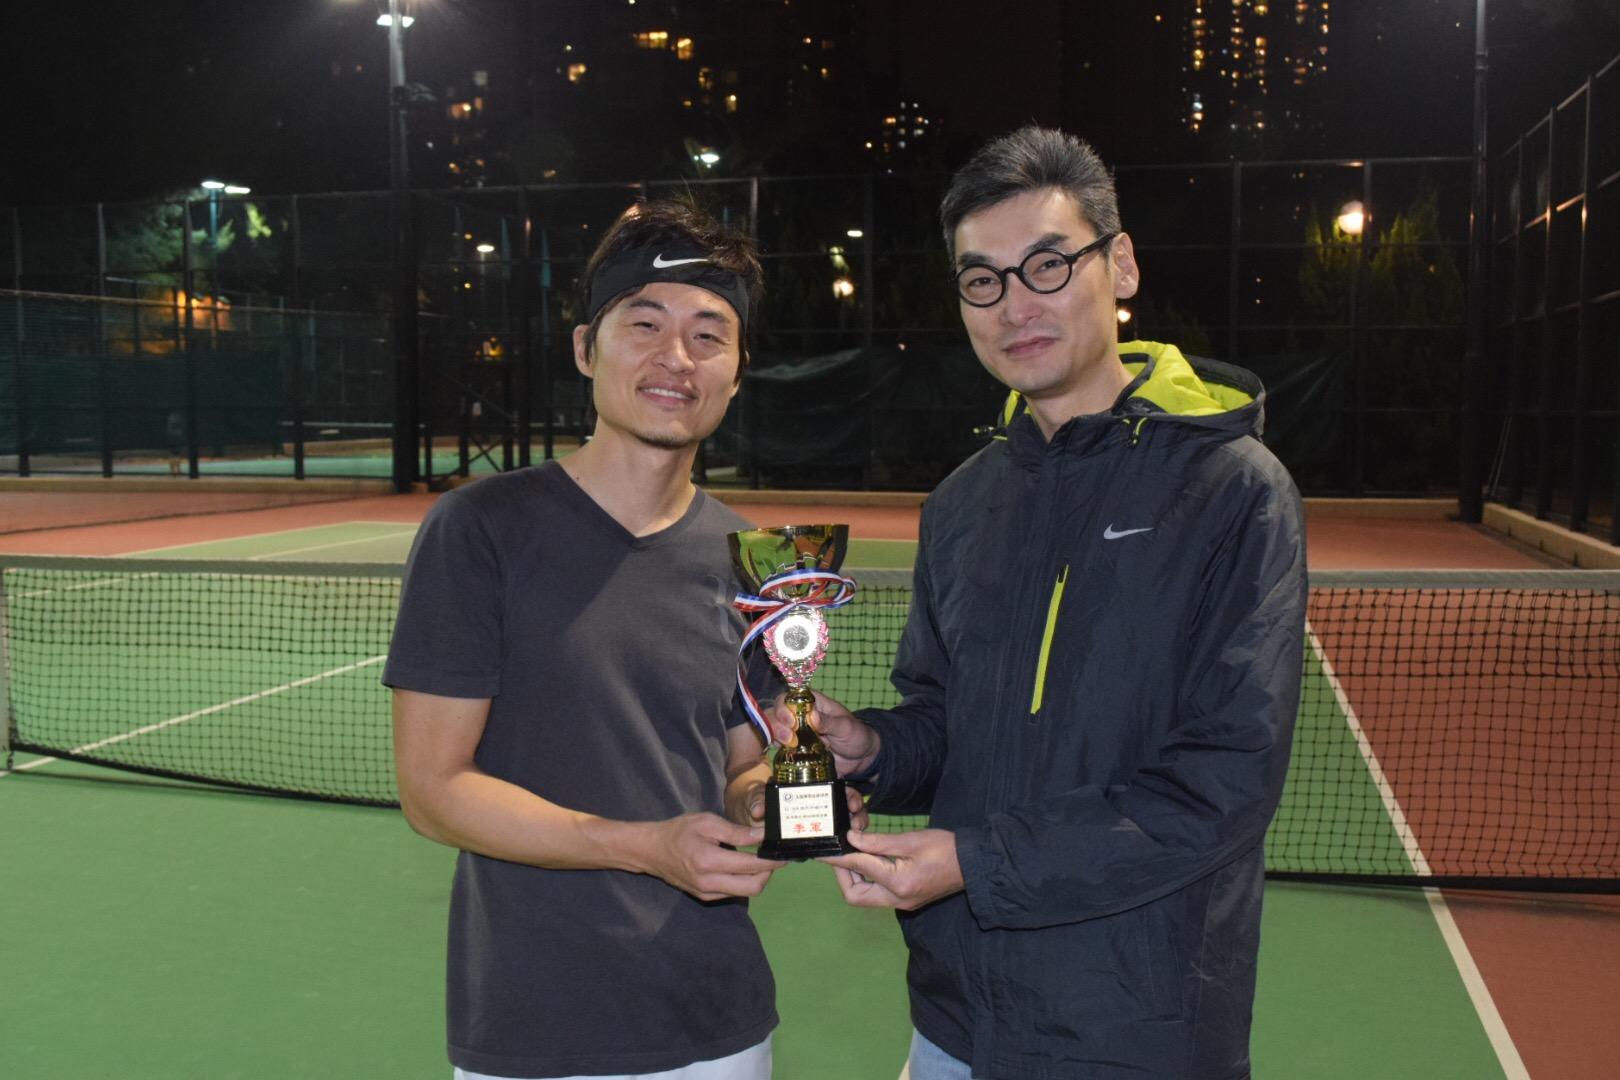 2nd Runner-up Ian